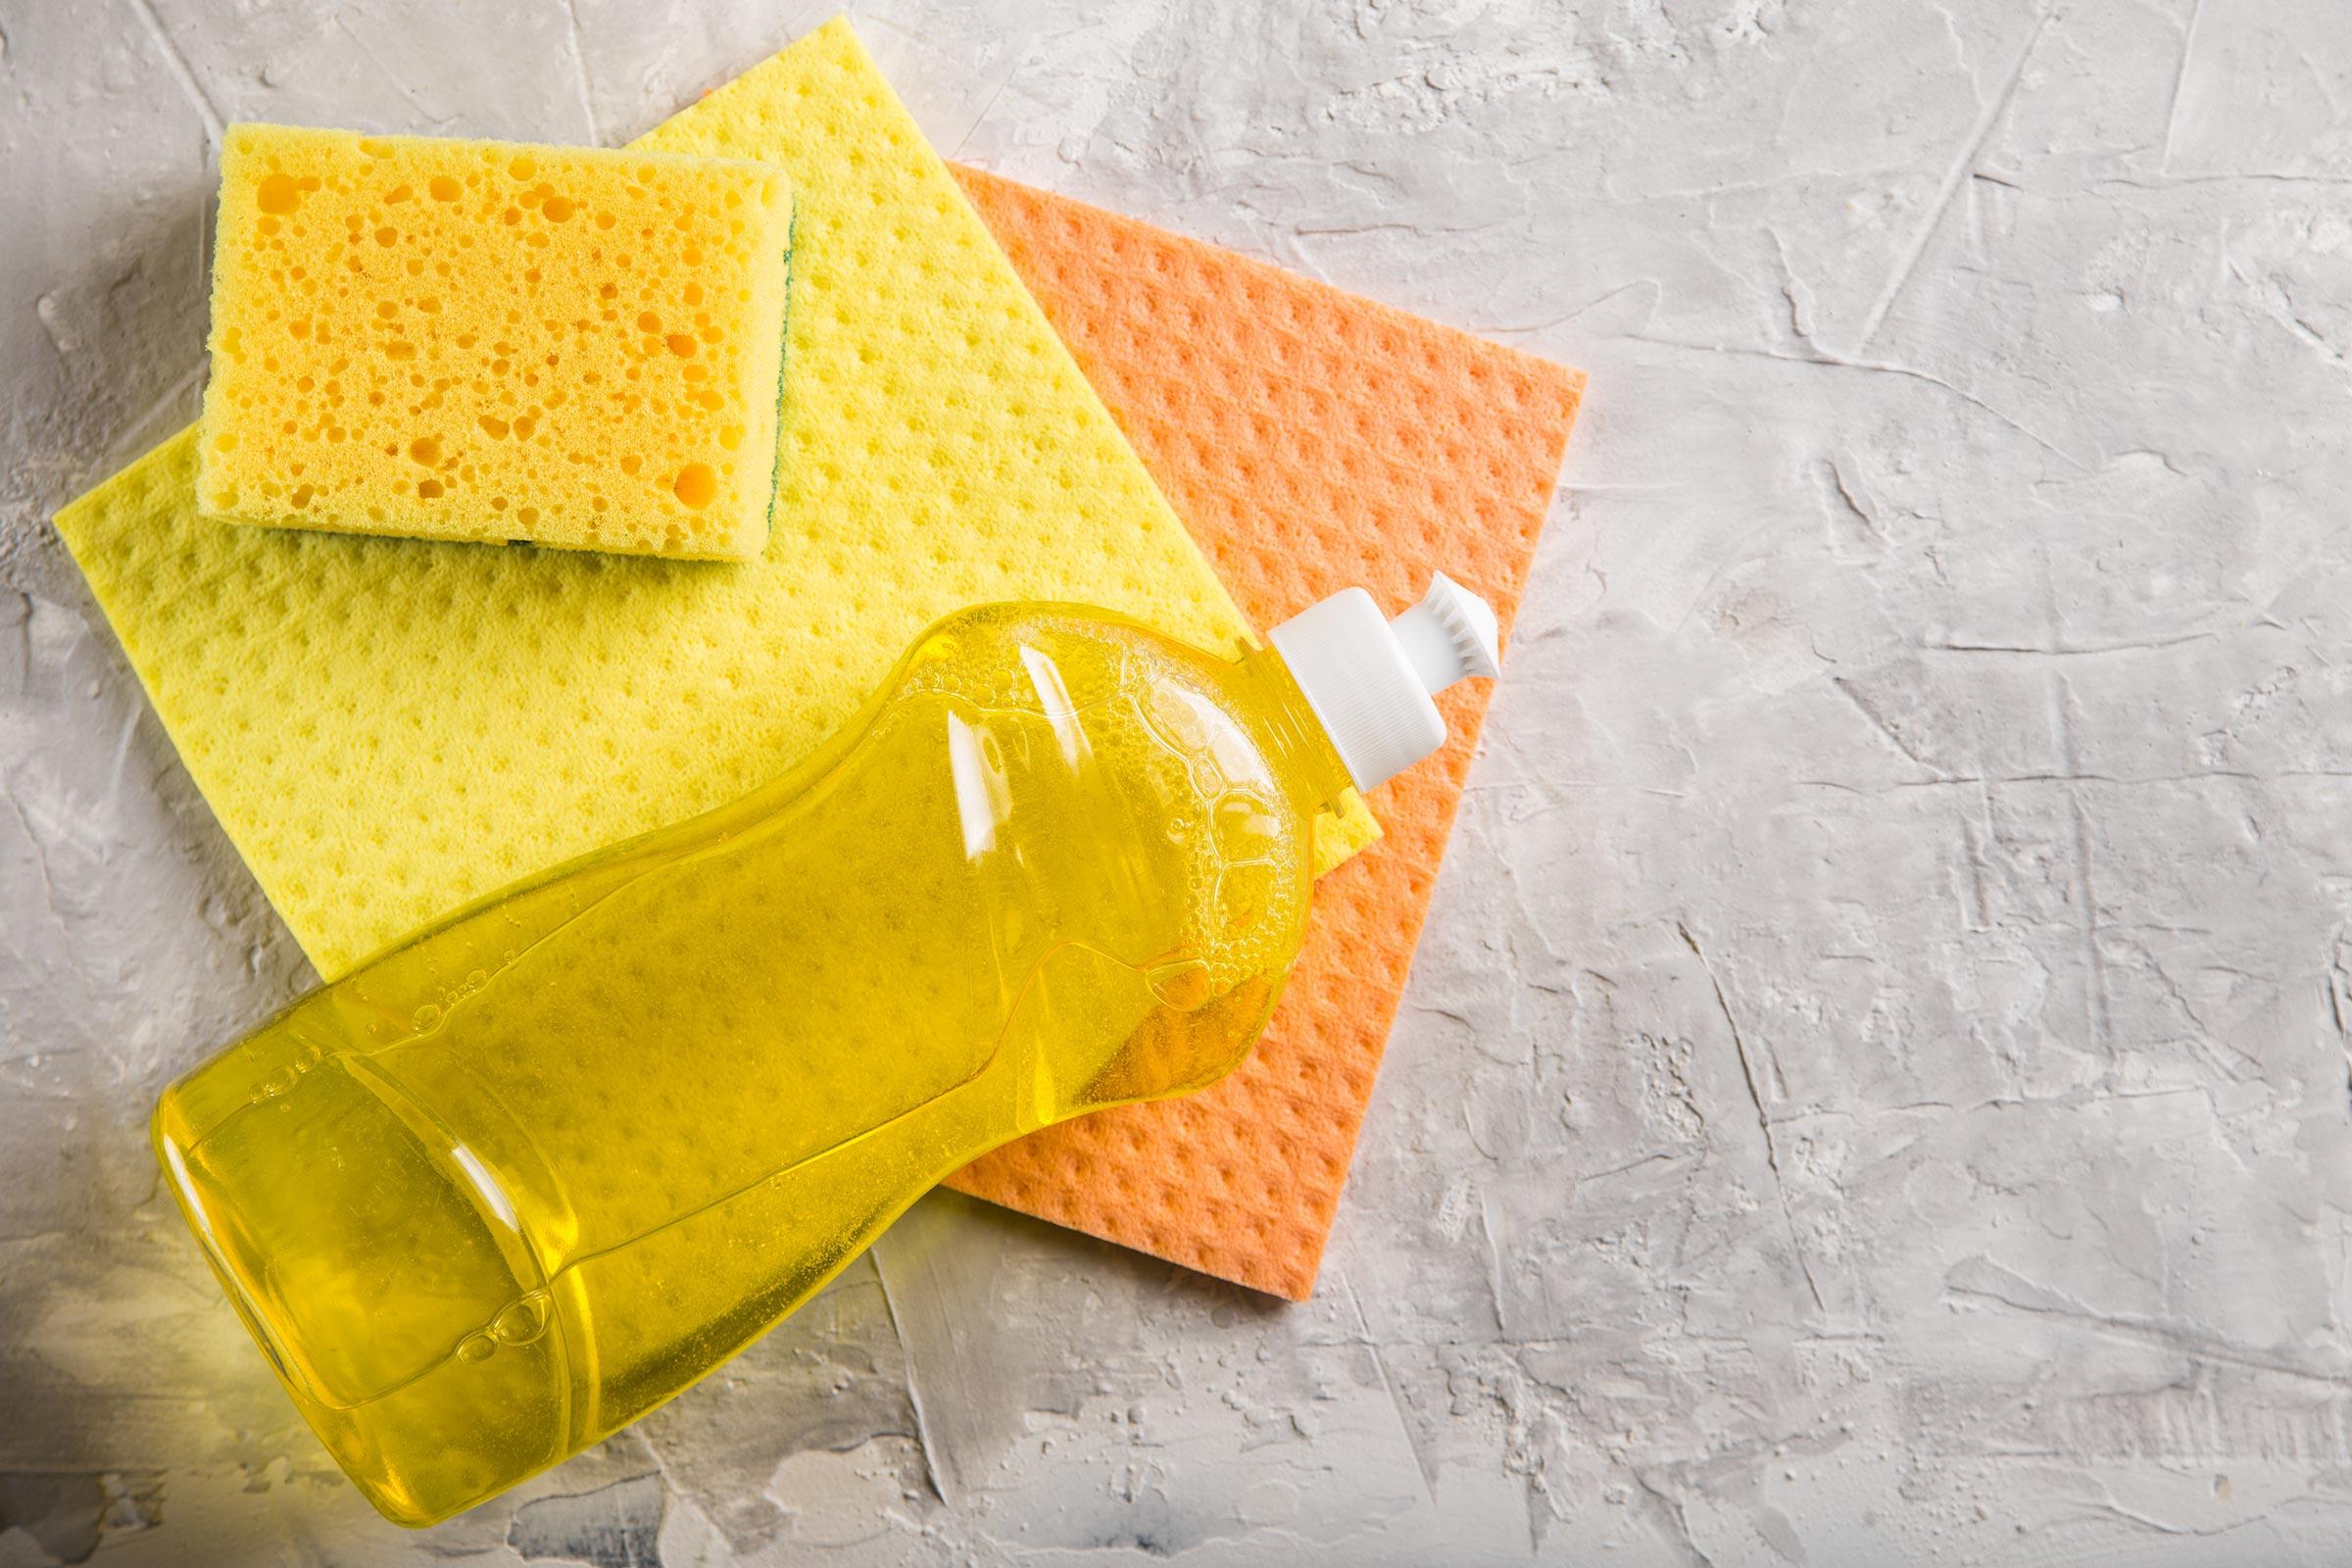 استخدامات منظف الاطباق بالمنزل في أشياء لا تتوقعيها